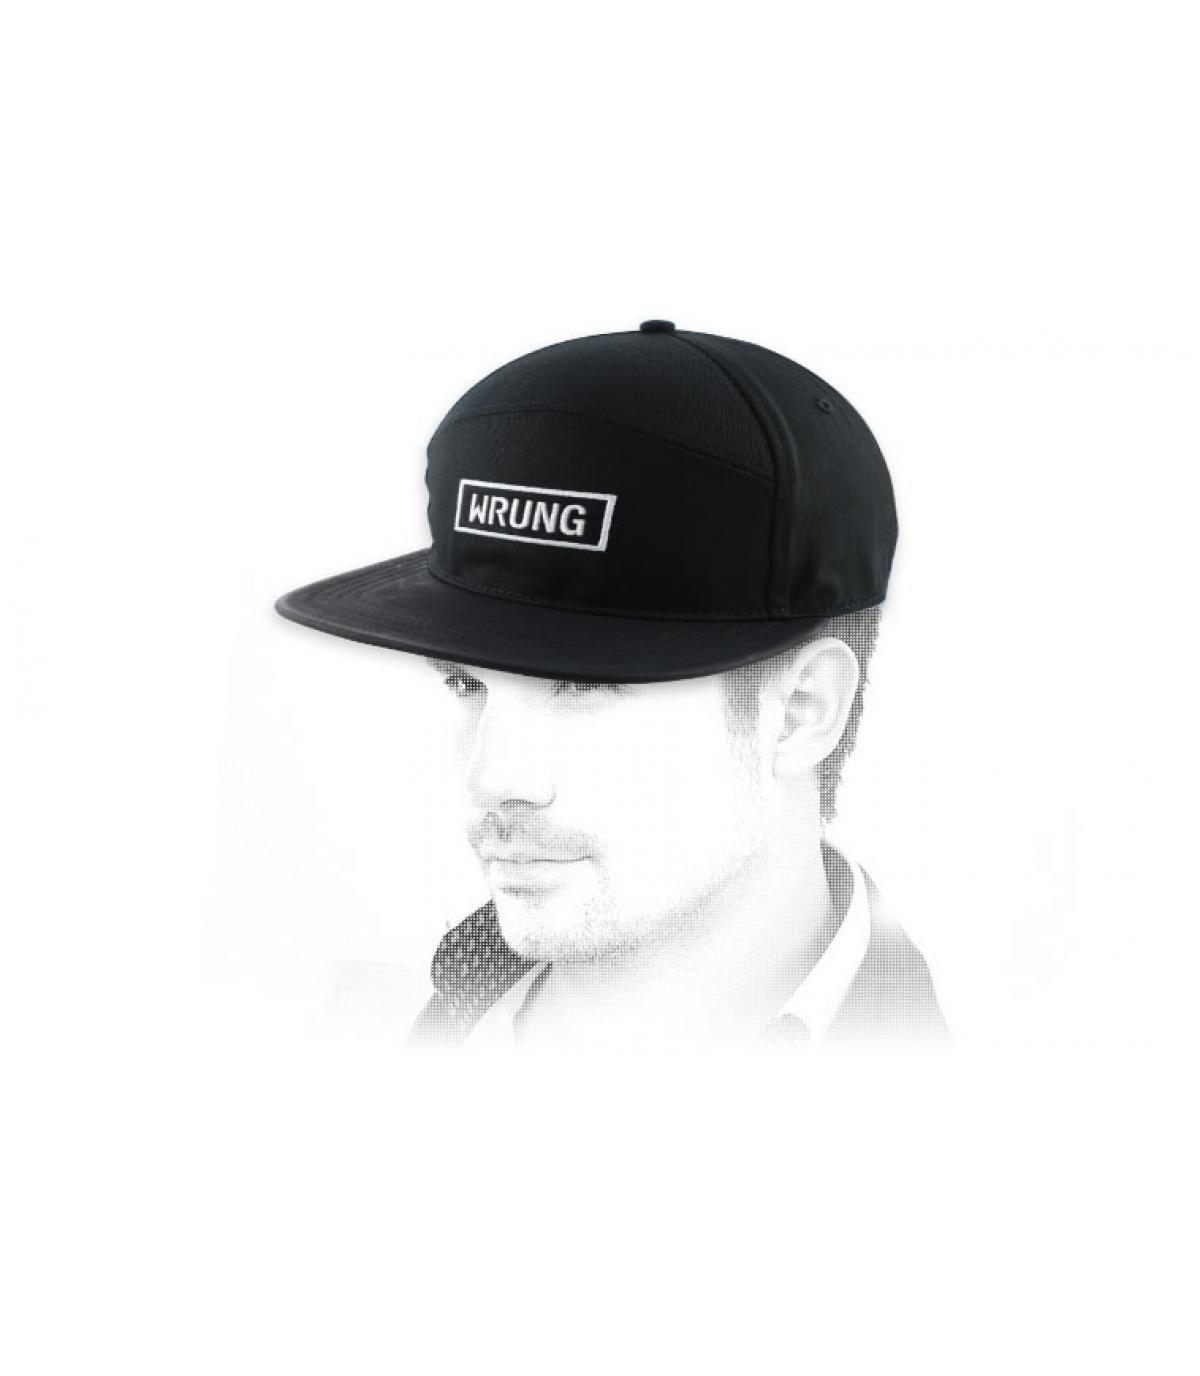 cappello logo rettangolo Wrung